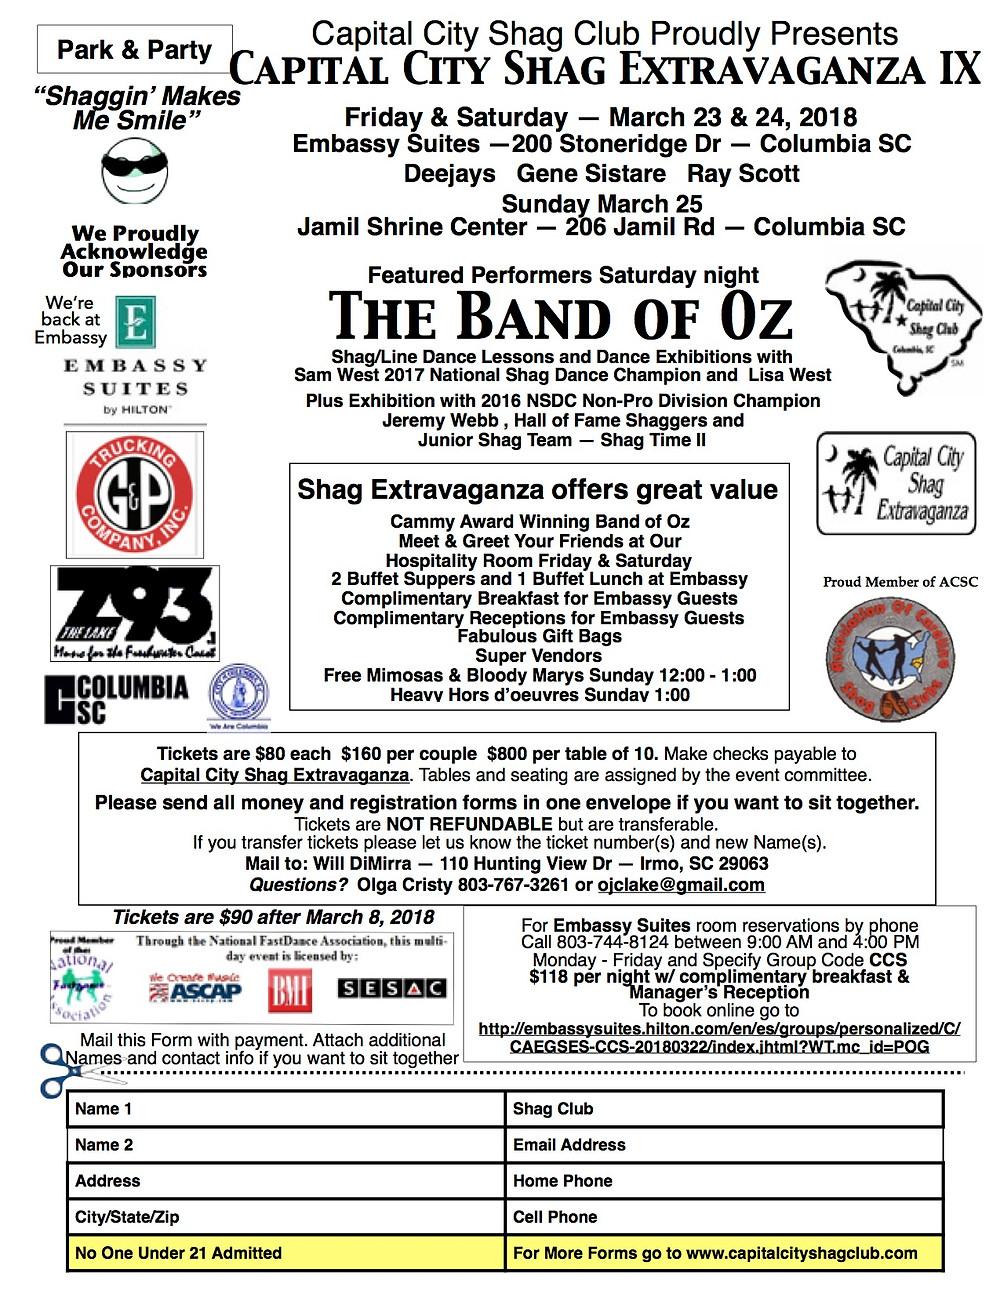 Capital City Shag Extravaganza IX event flyer